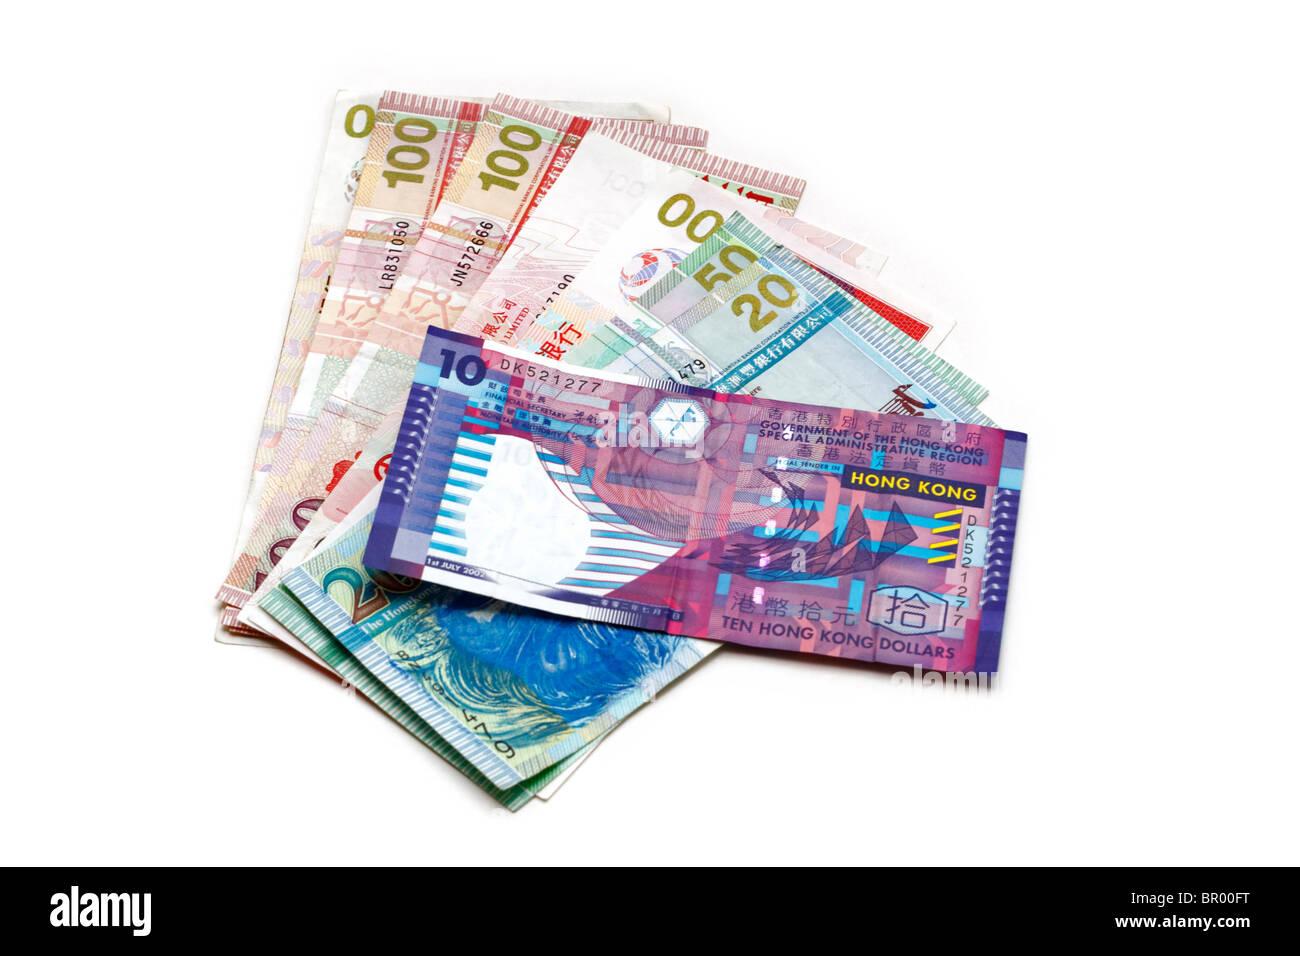 Hong Kong Dollars - Stock Image